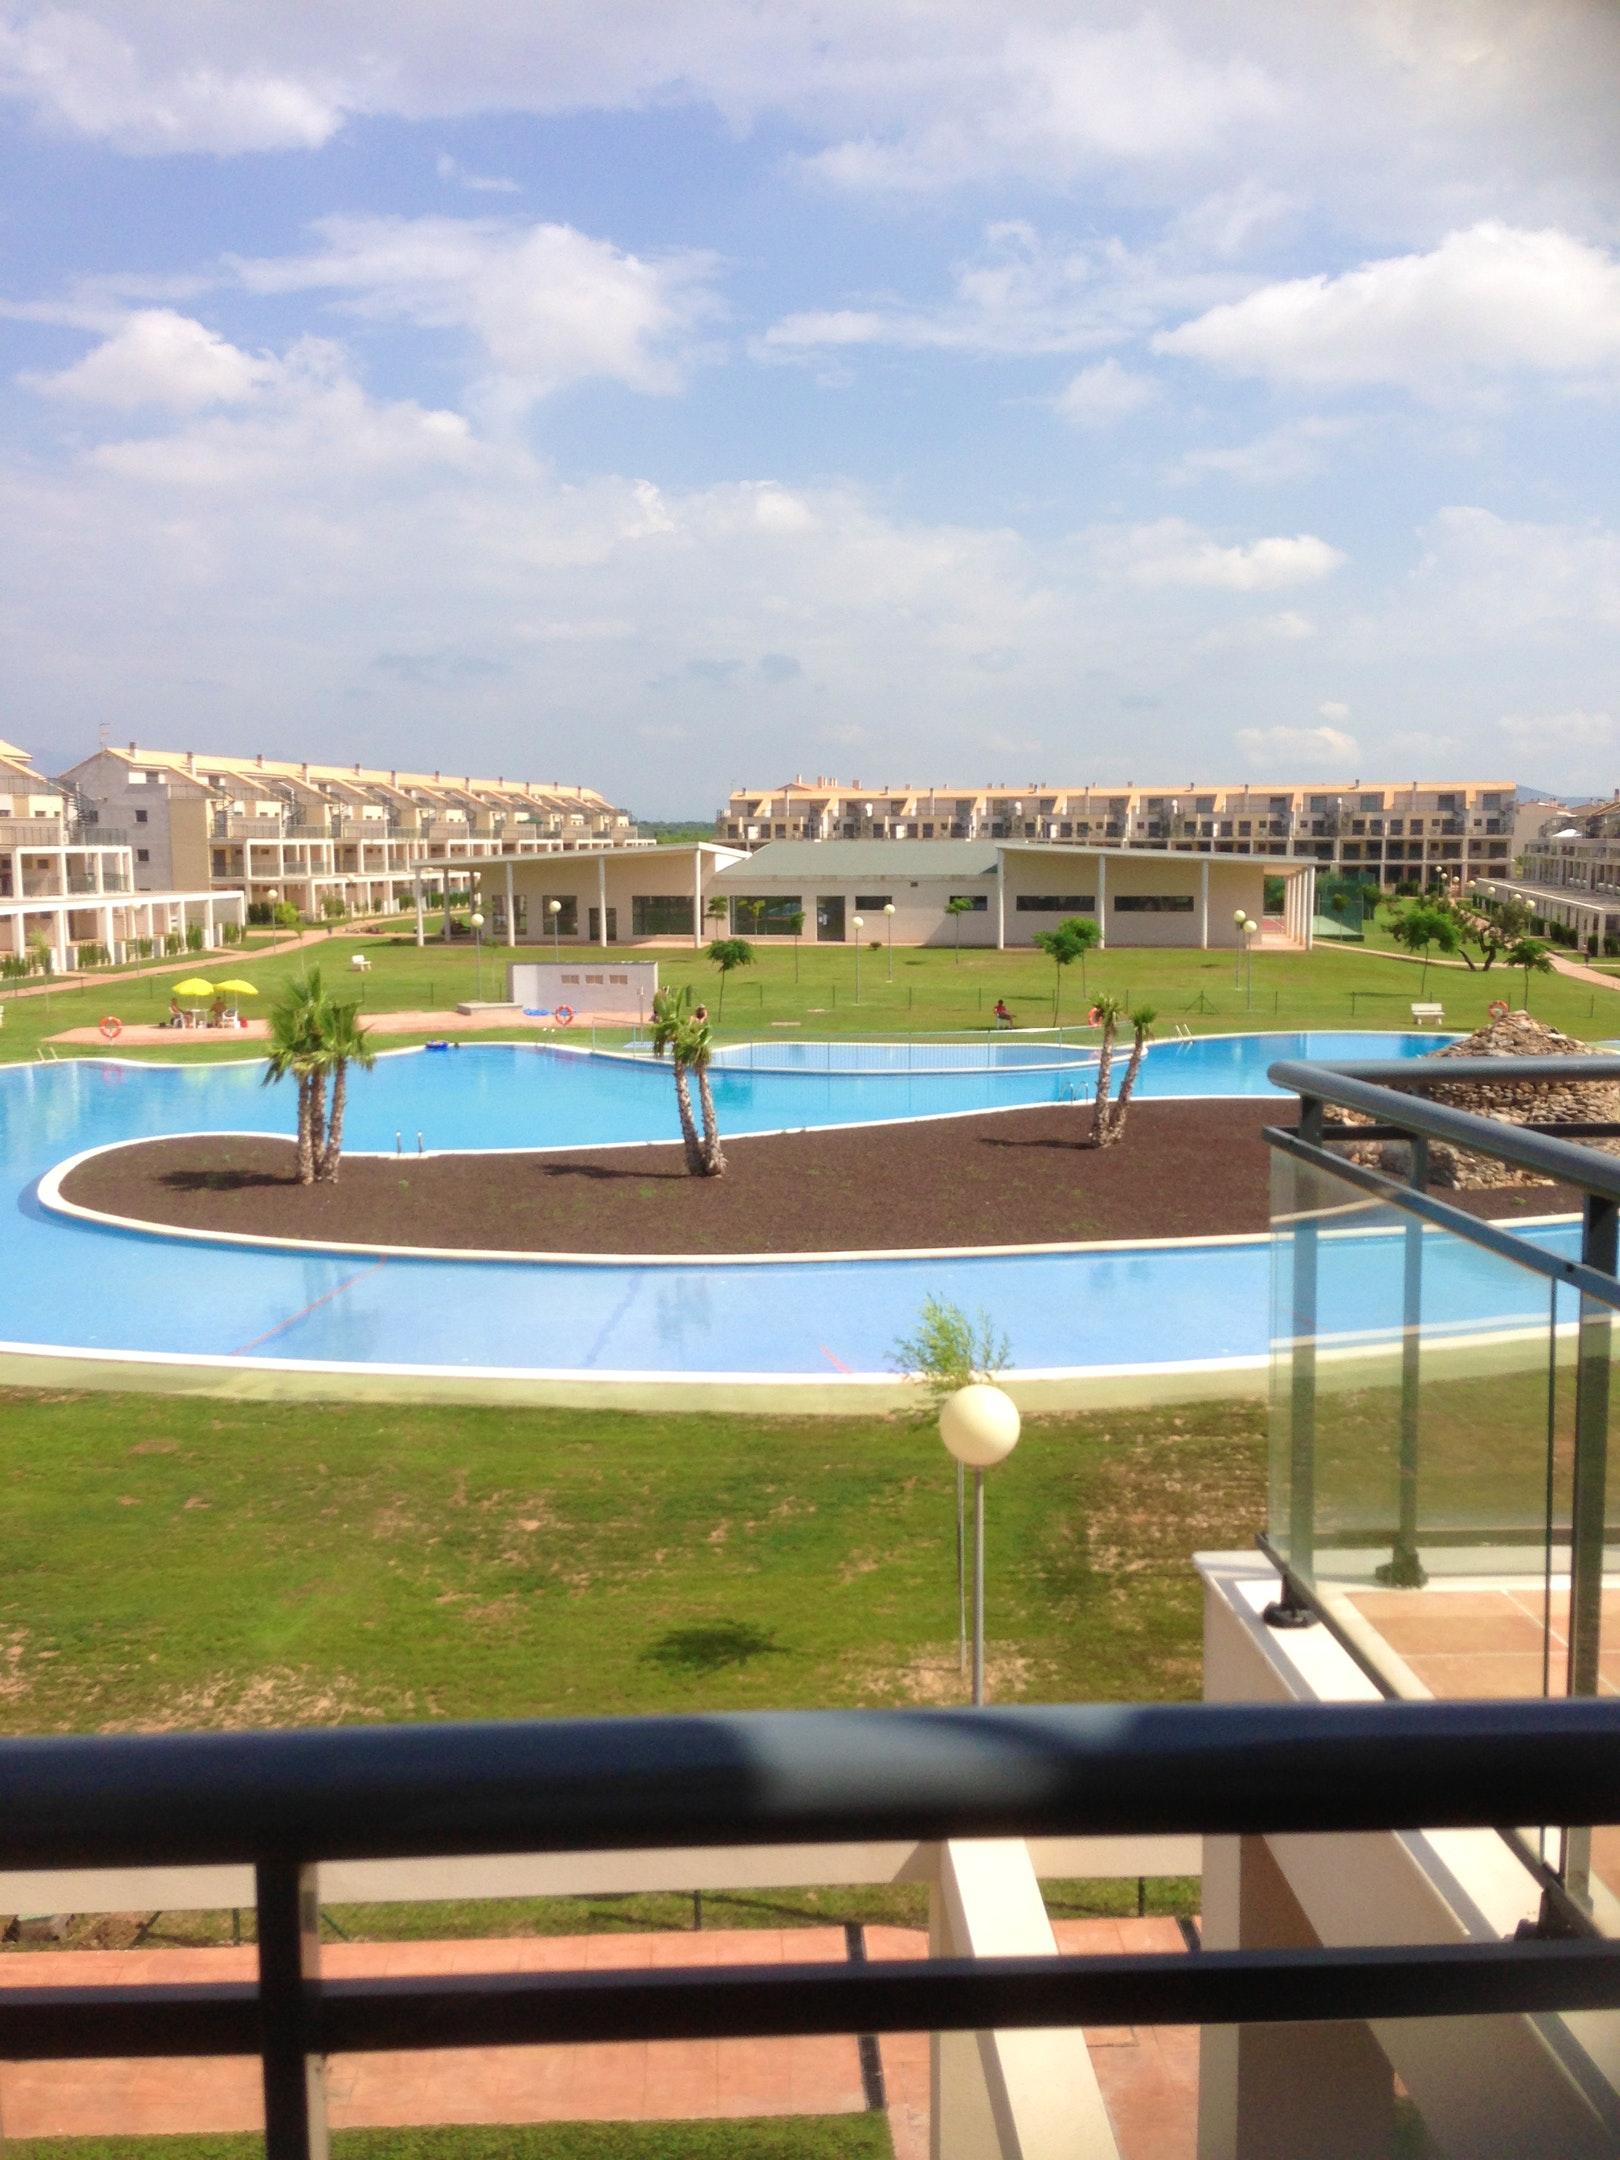 Ferienwohnung Wohnung mit 2 Schlafzimmern in San Jordi mit Pool, möblierter Terrasse und W-LAN - 25 km v (2218181), San Jorge, Provinz Castellón, Valencia, Spanien, Bild 17